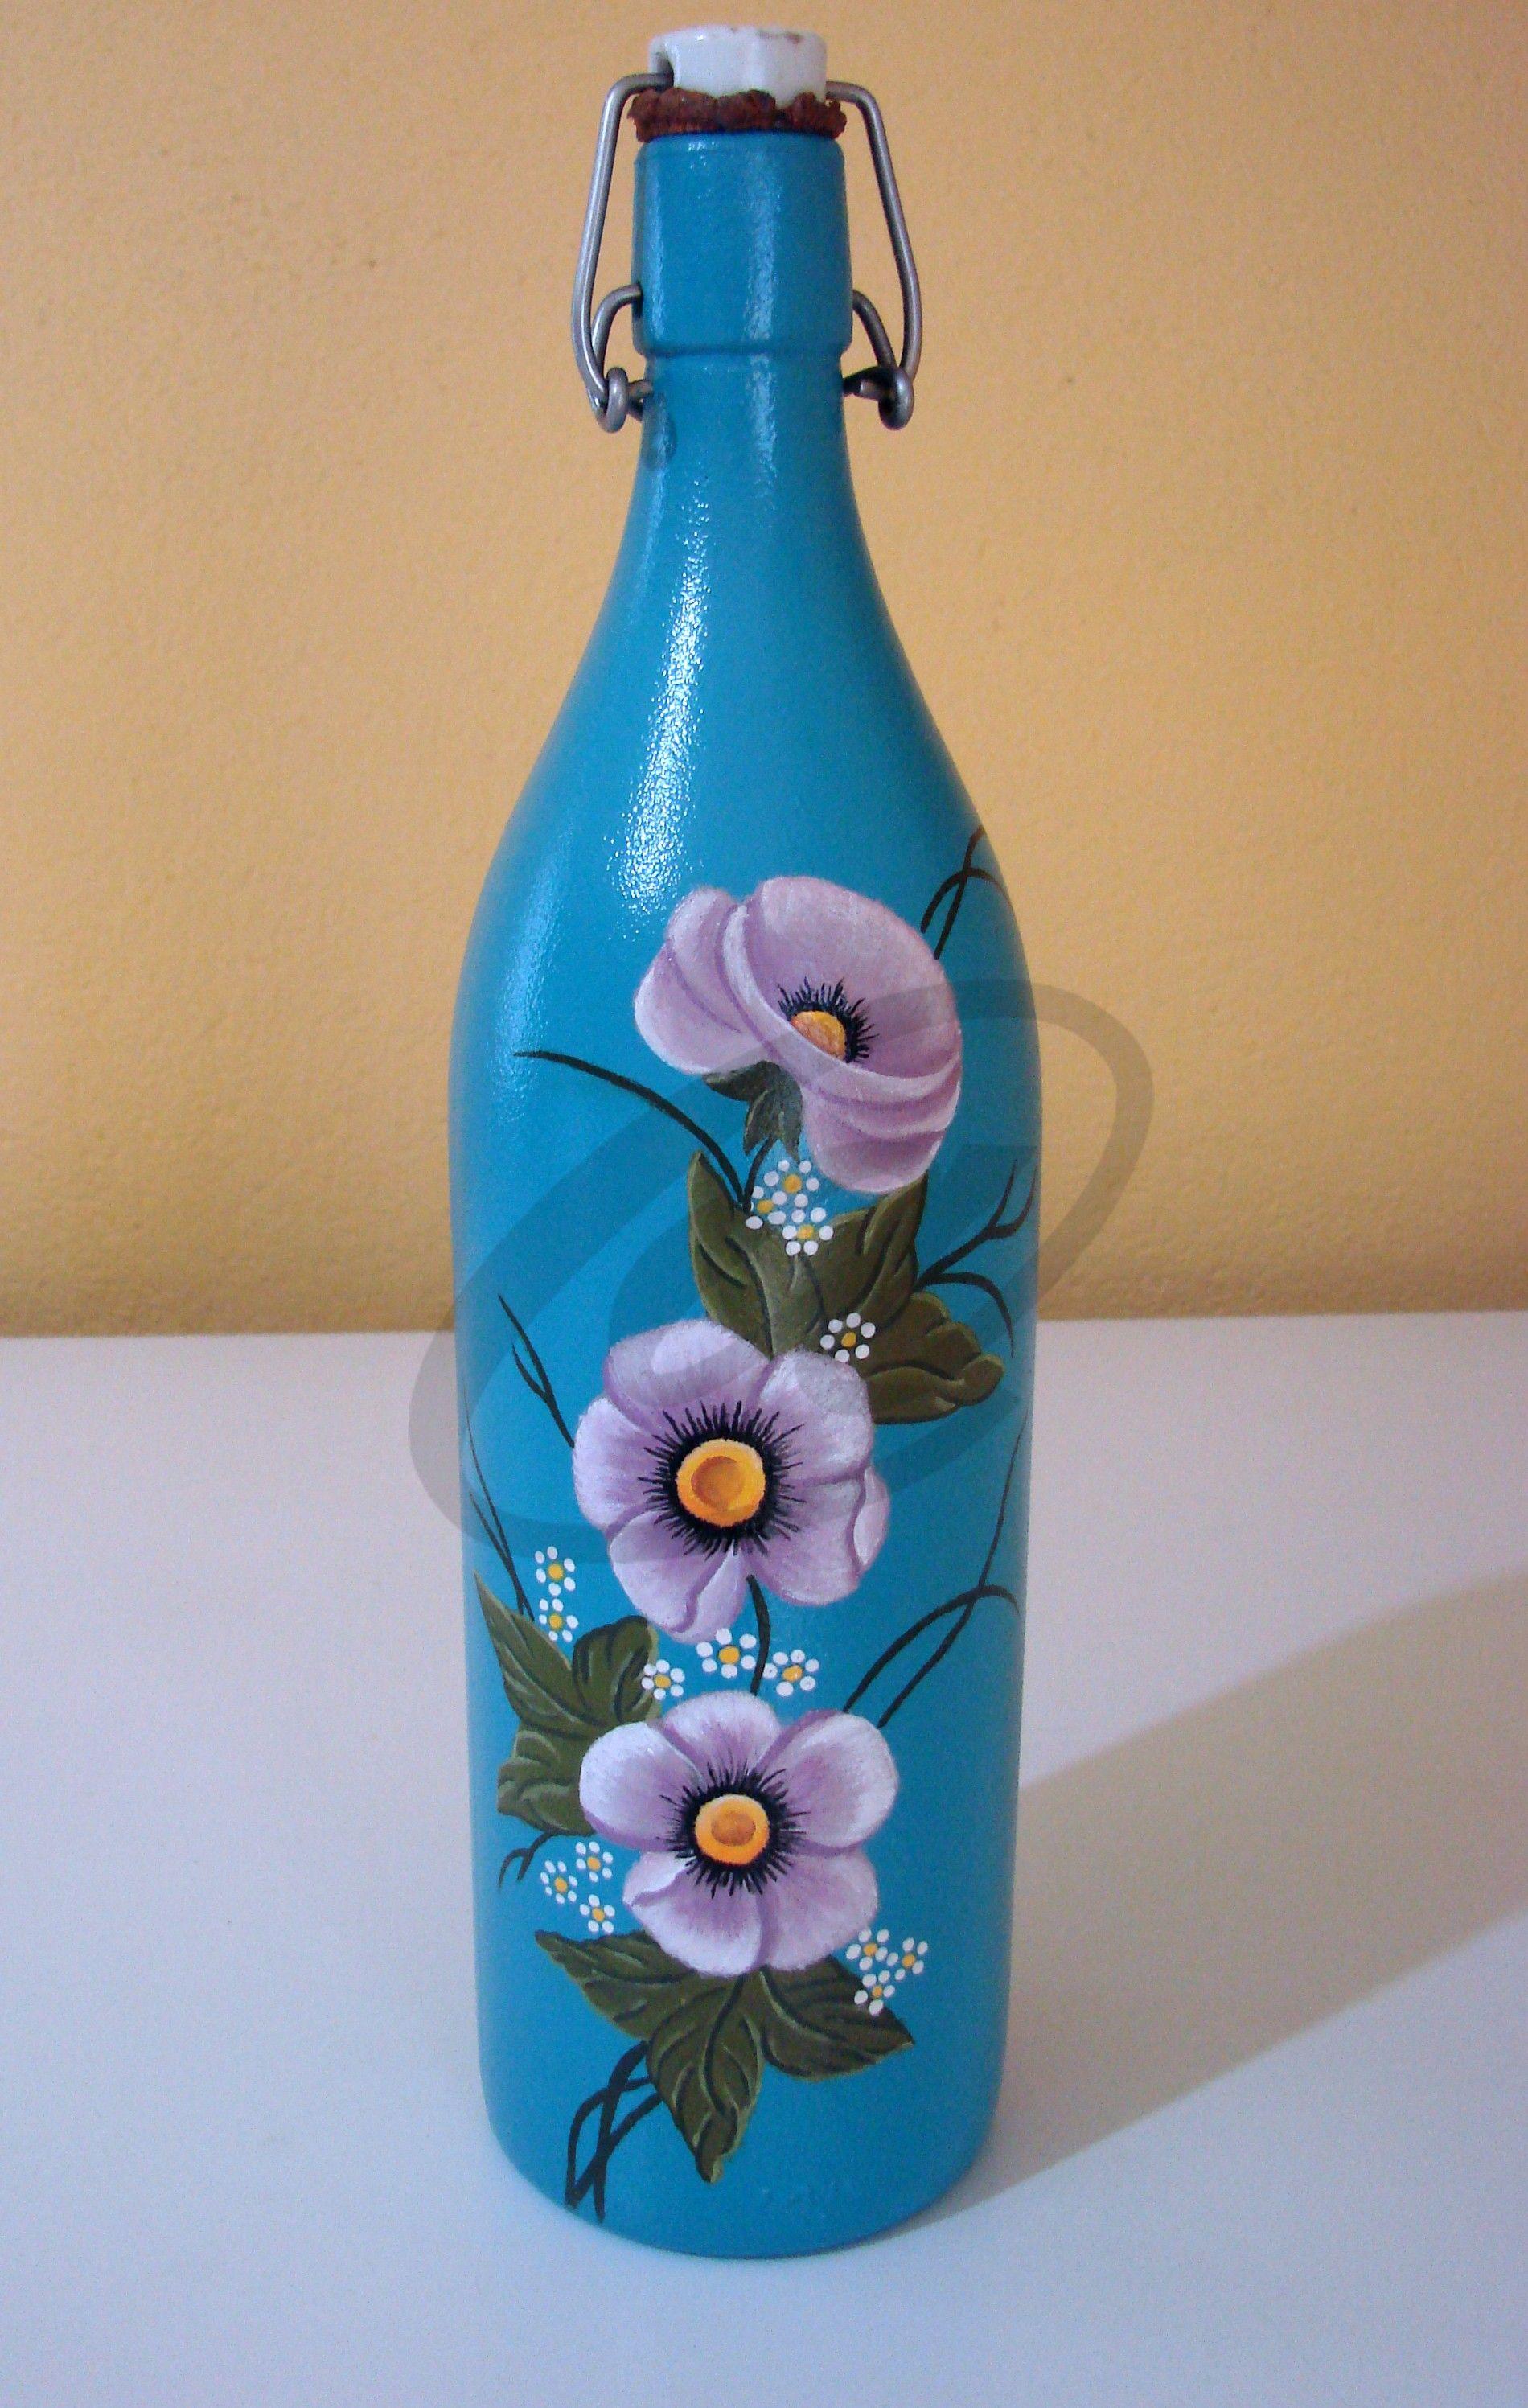 Botella de cristal pintada a mano botellas de cristal decoradas y pintadas pinterest - Botellas de cristal decoradas ...